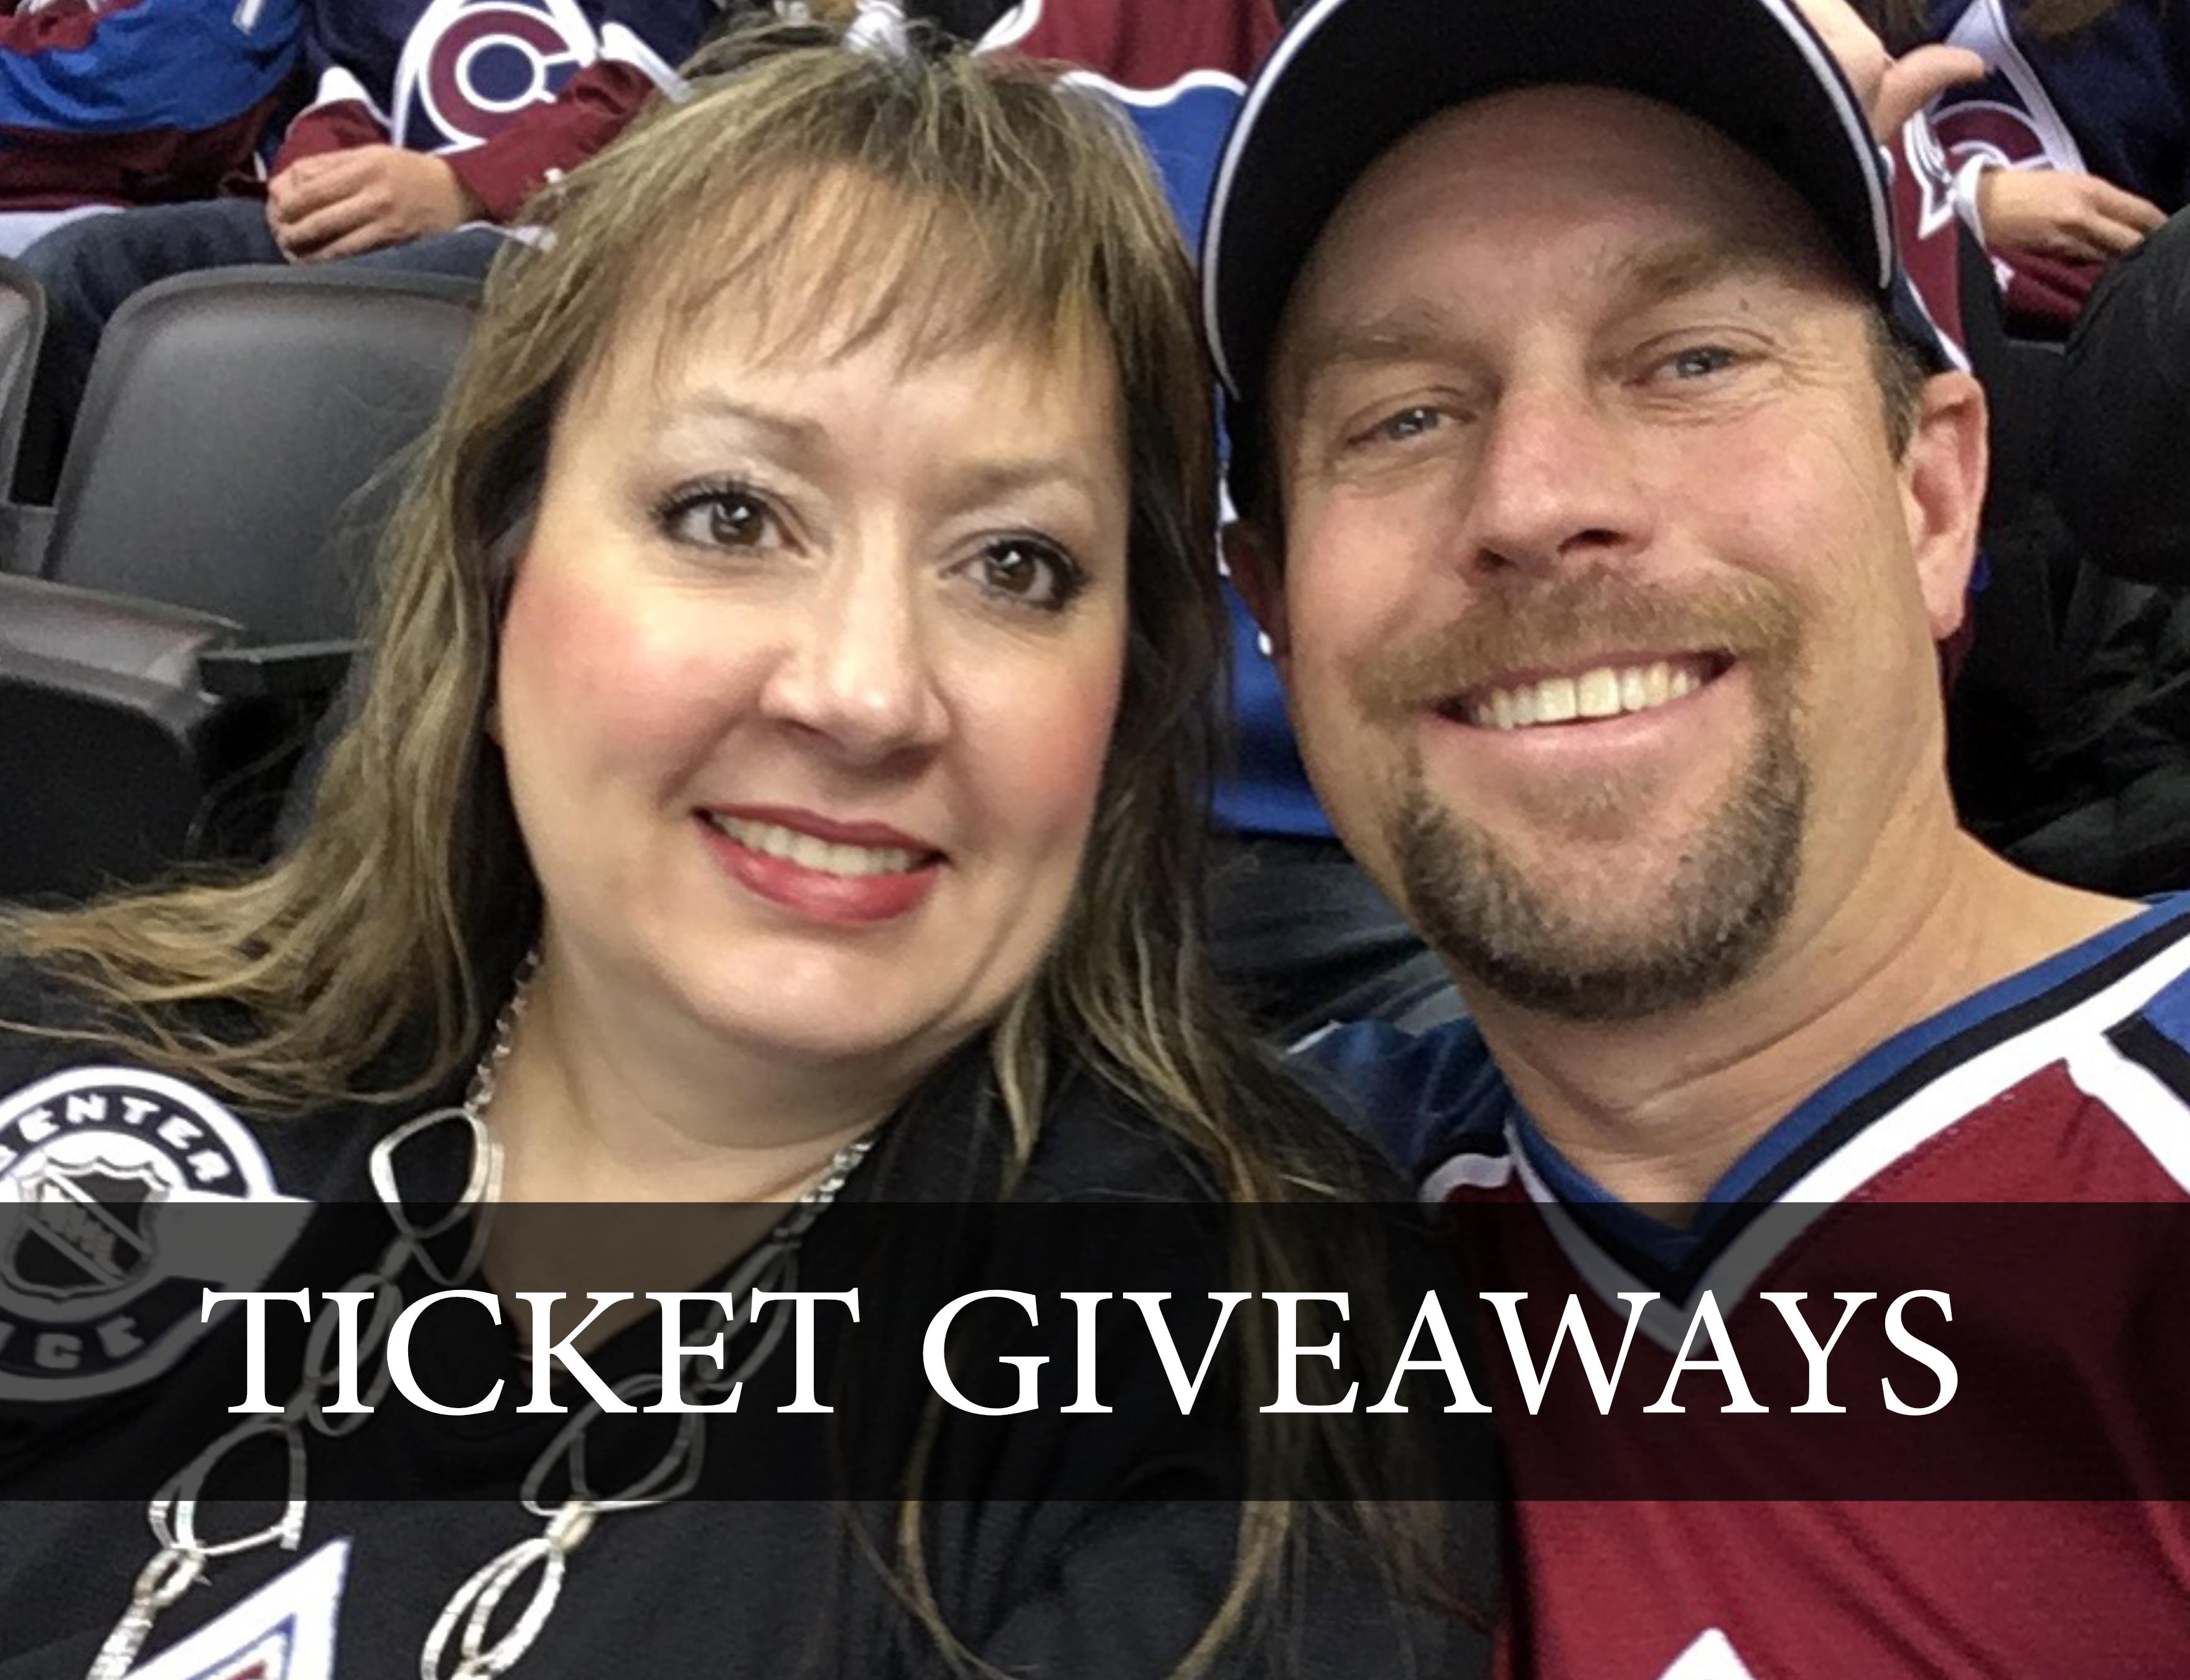 Ticket Giveaways